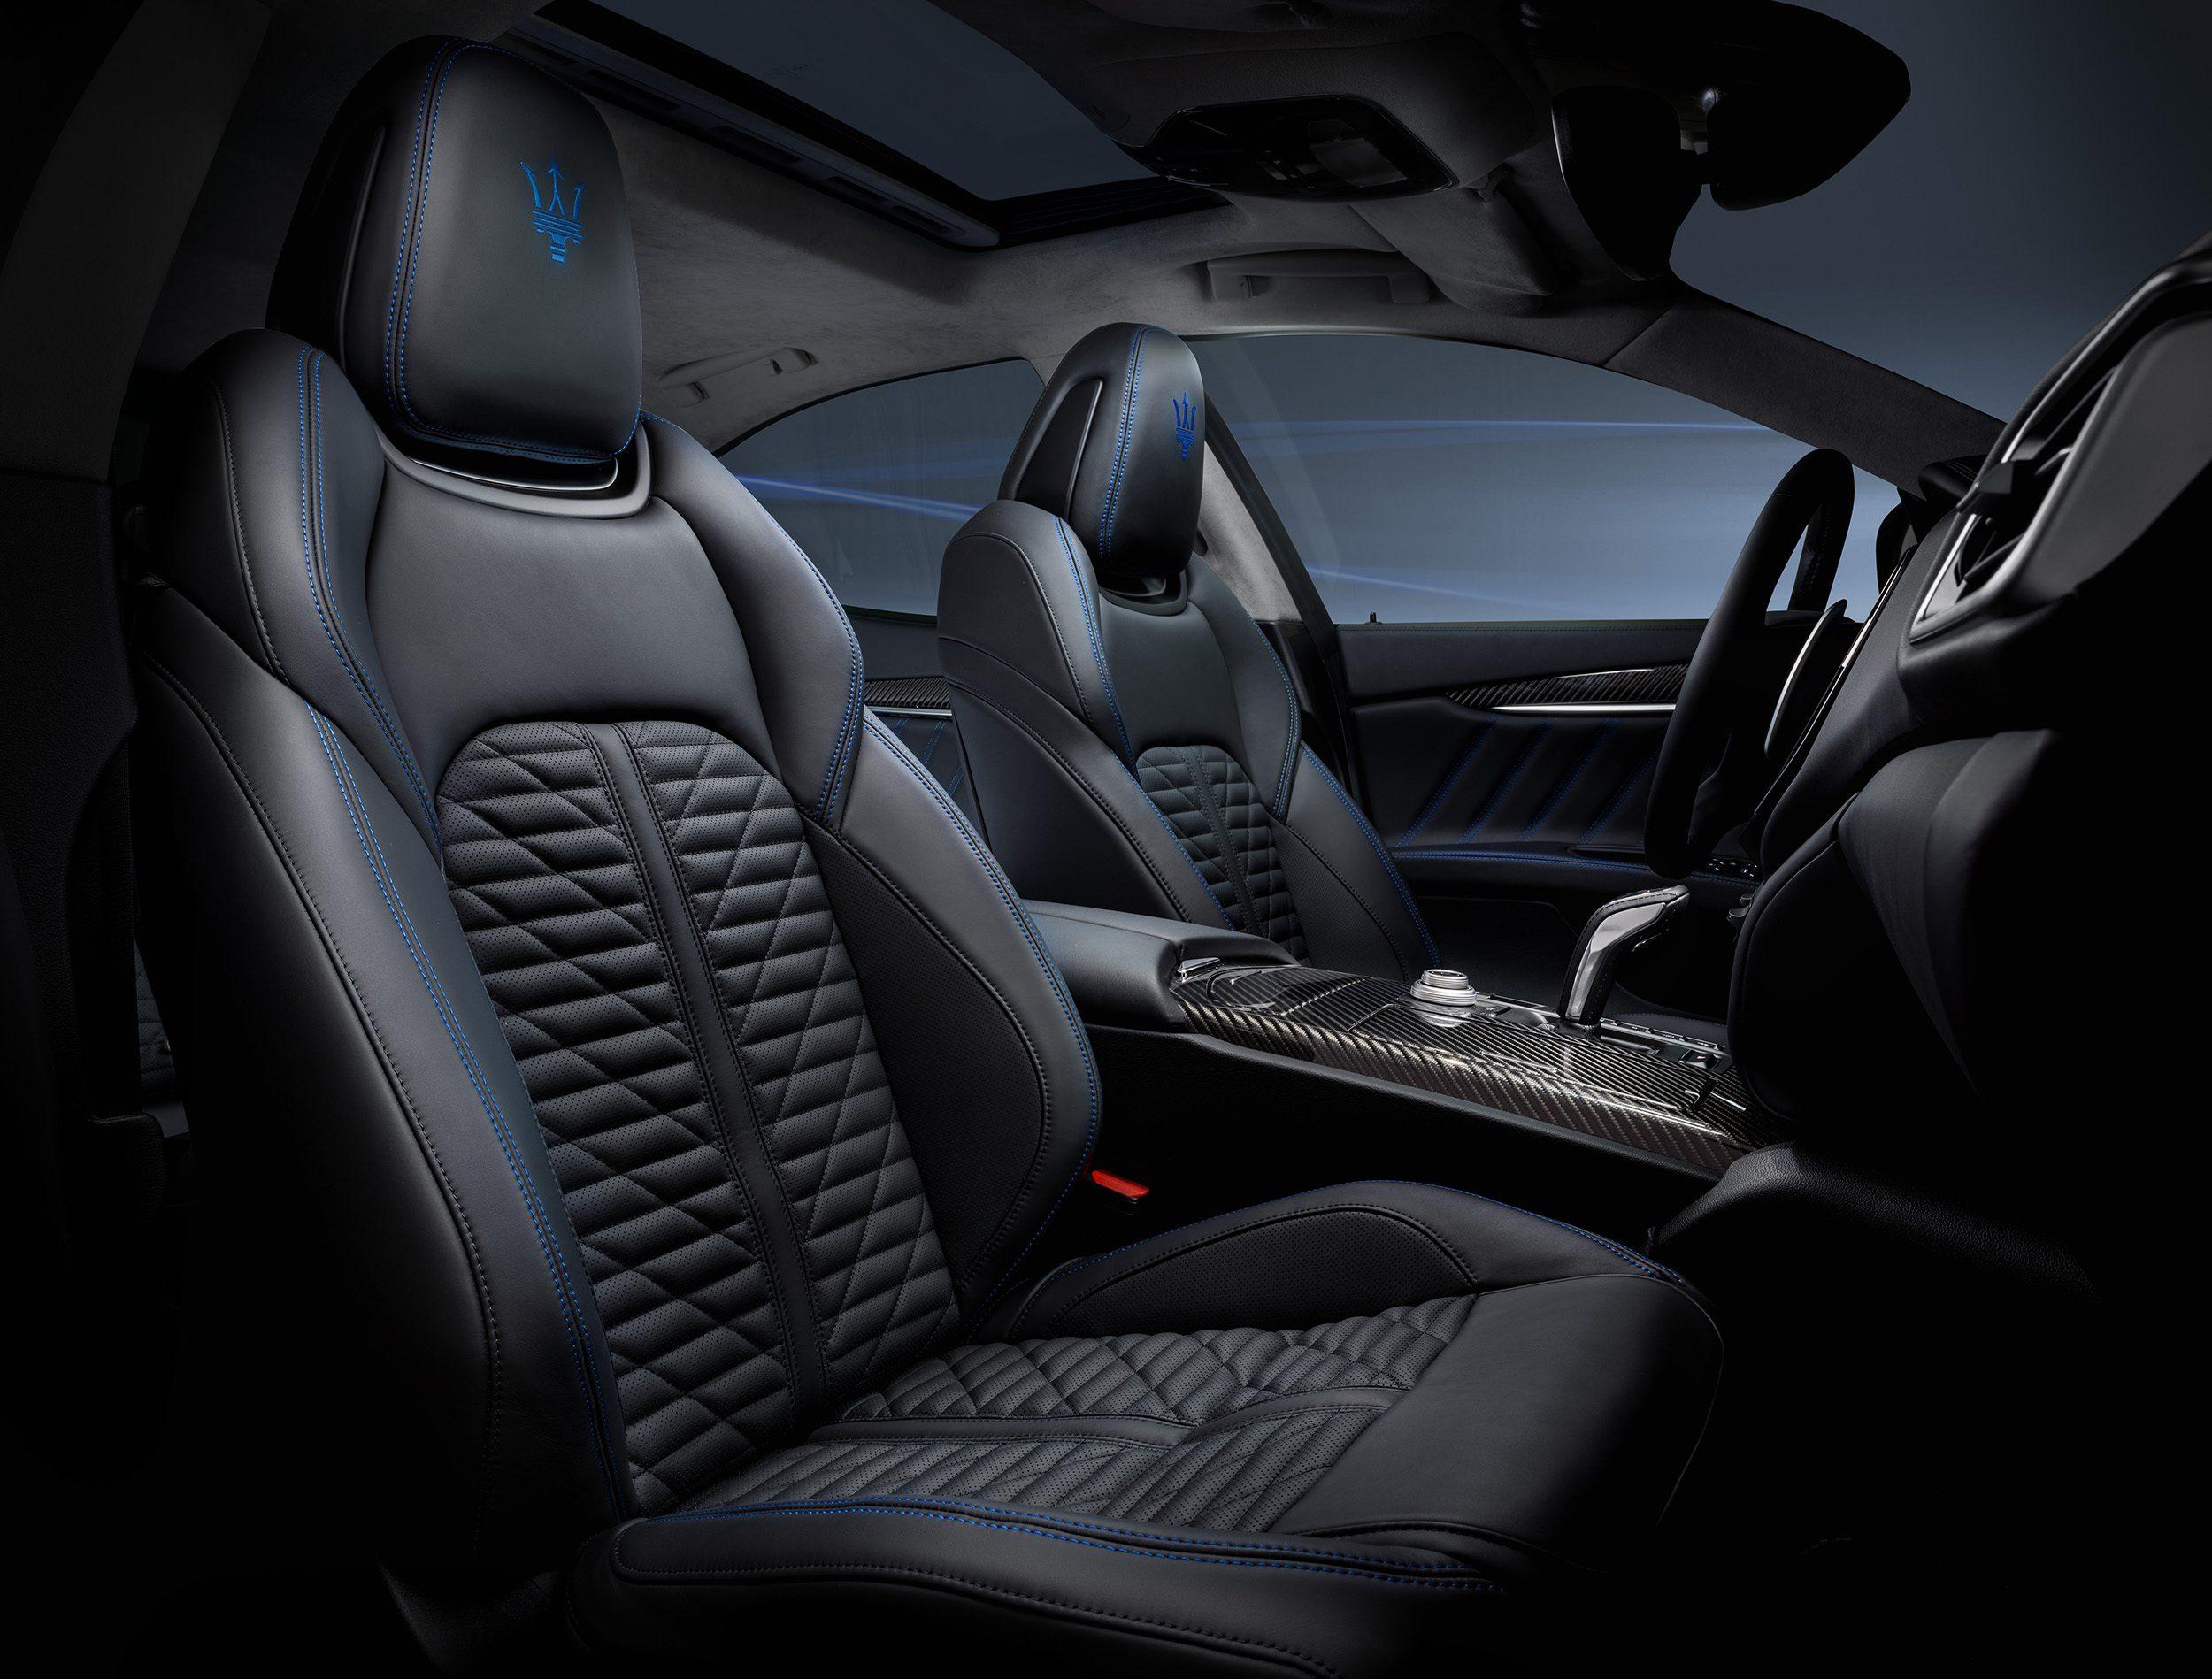 Zoals je mag verwachten bij een Maserati zijn de sportstoelen bekleed met hoogwaardig volnerf 'Pieno Fiore' leer